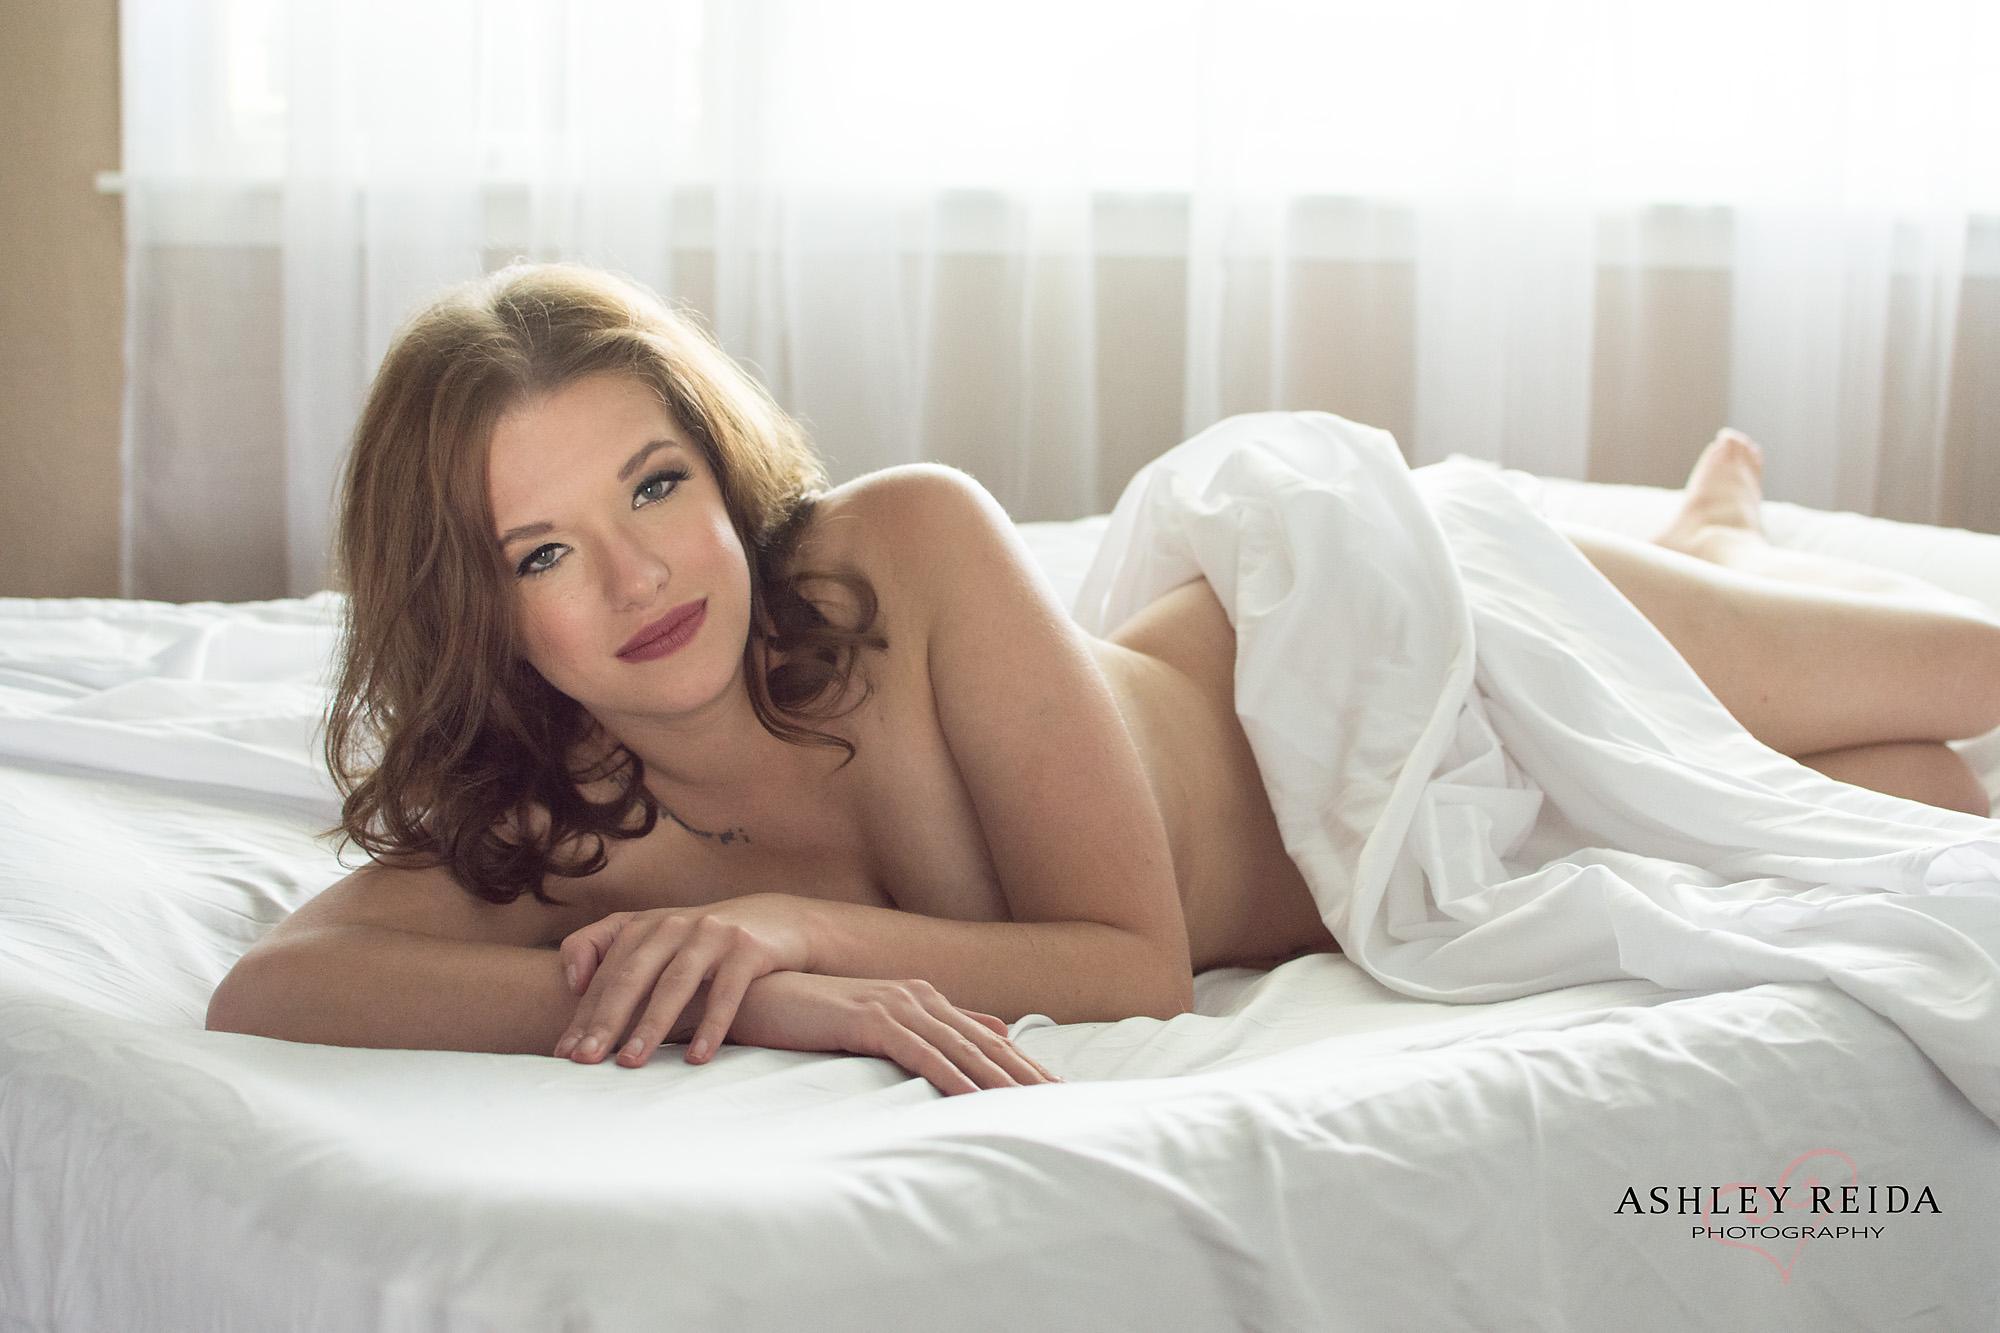 lingerie alternative white sheets